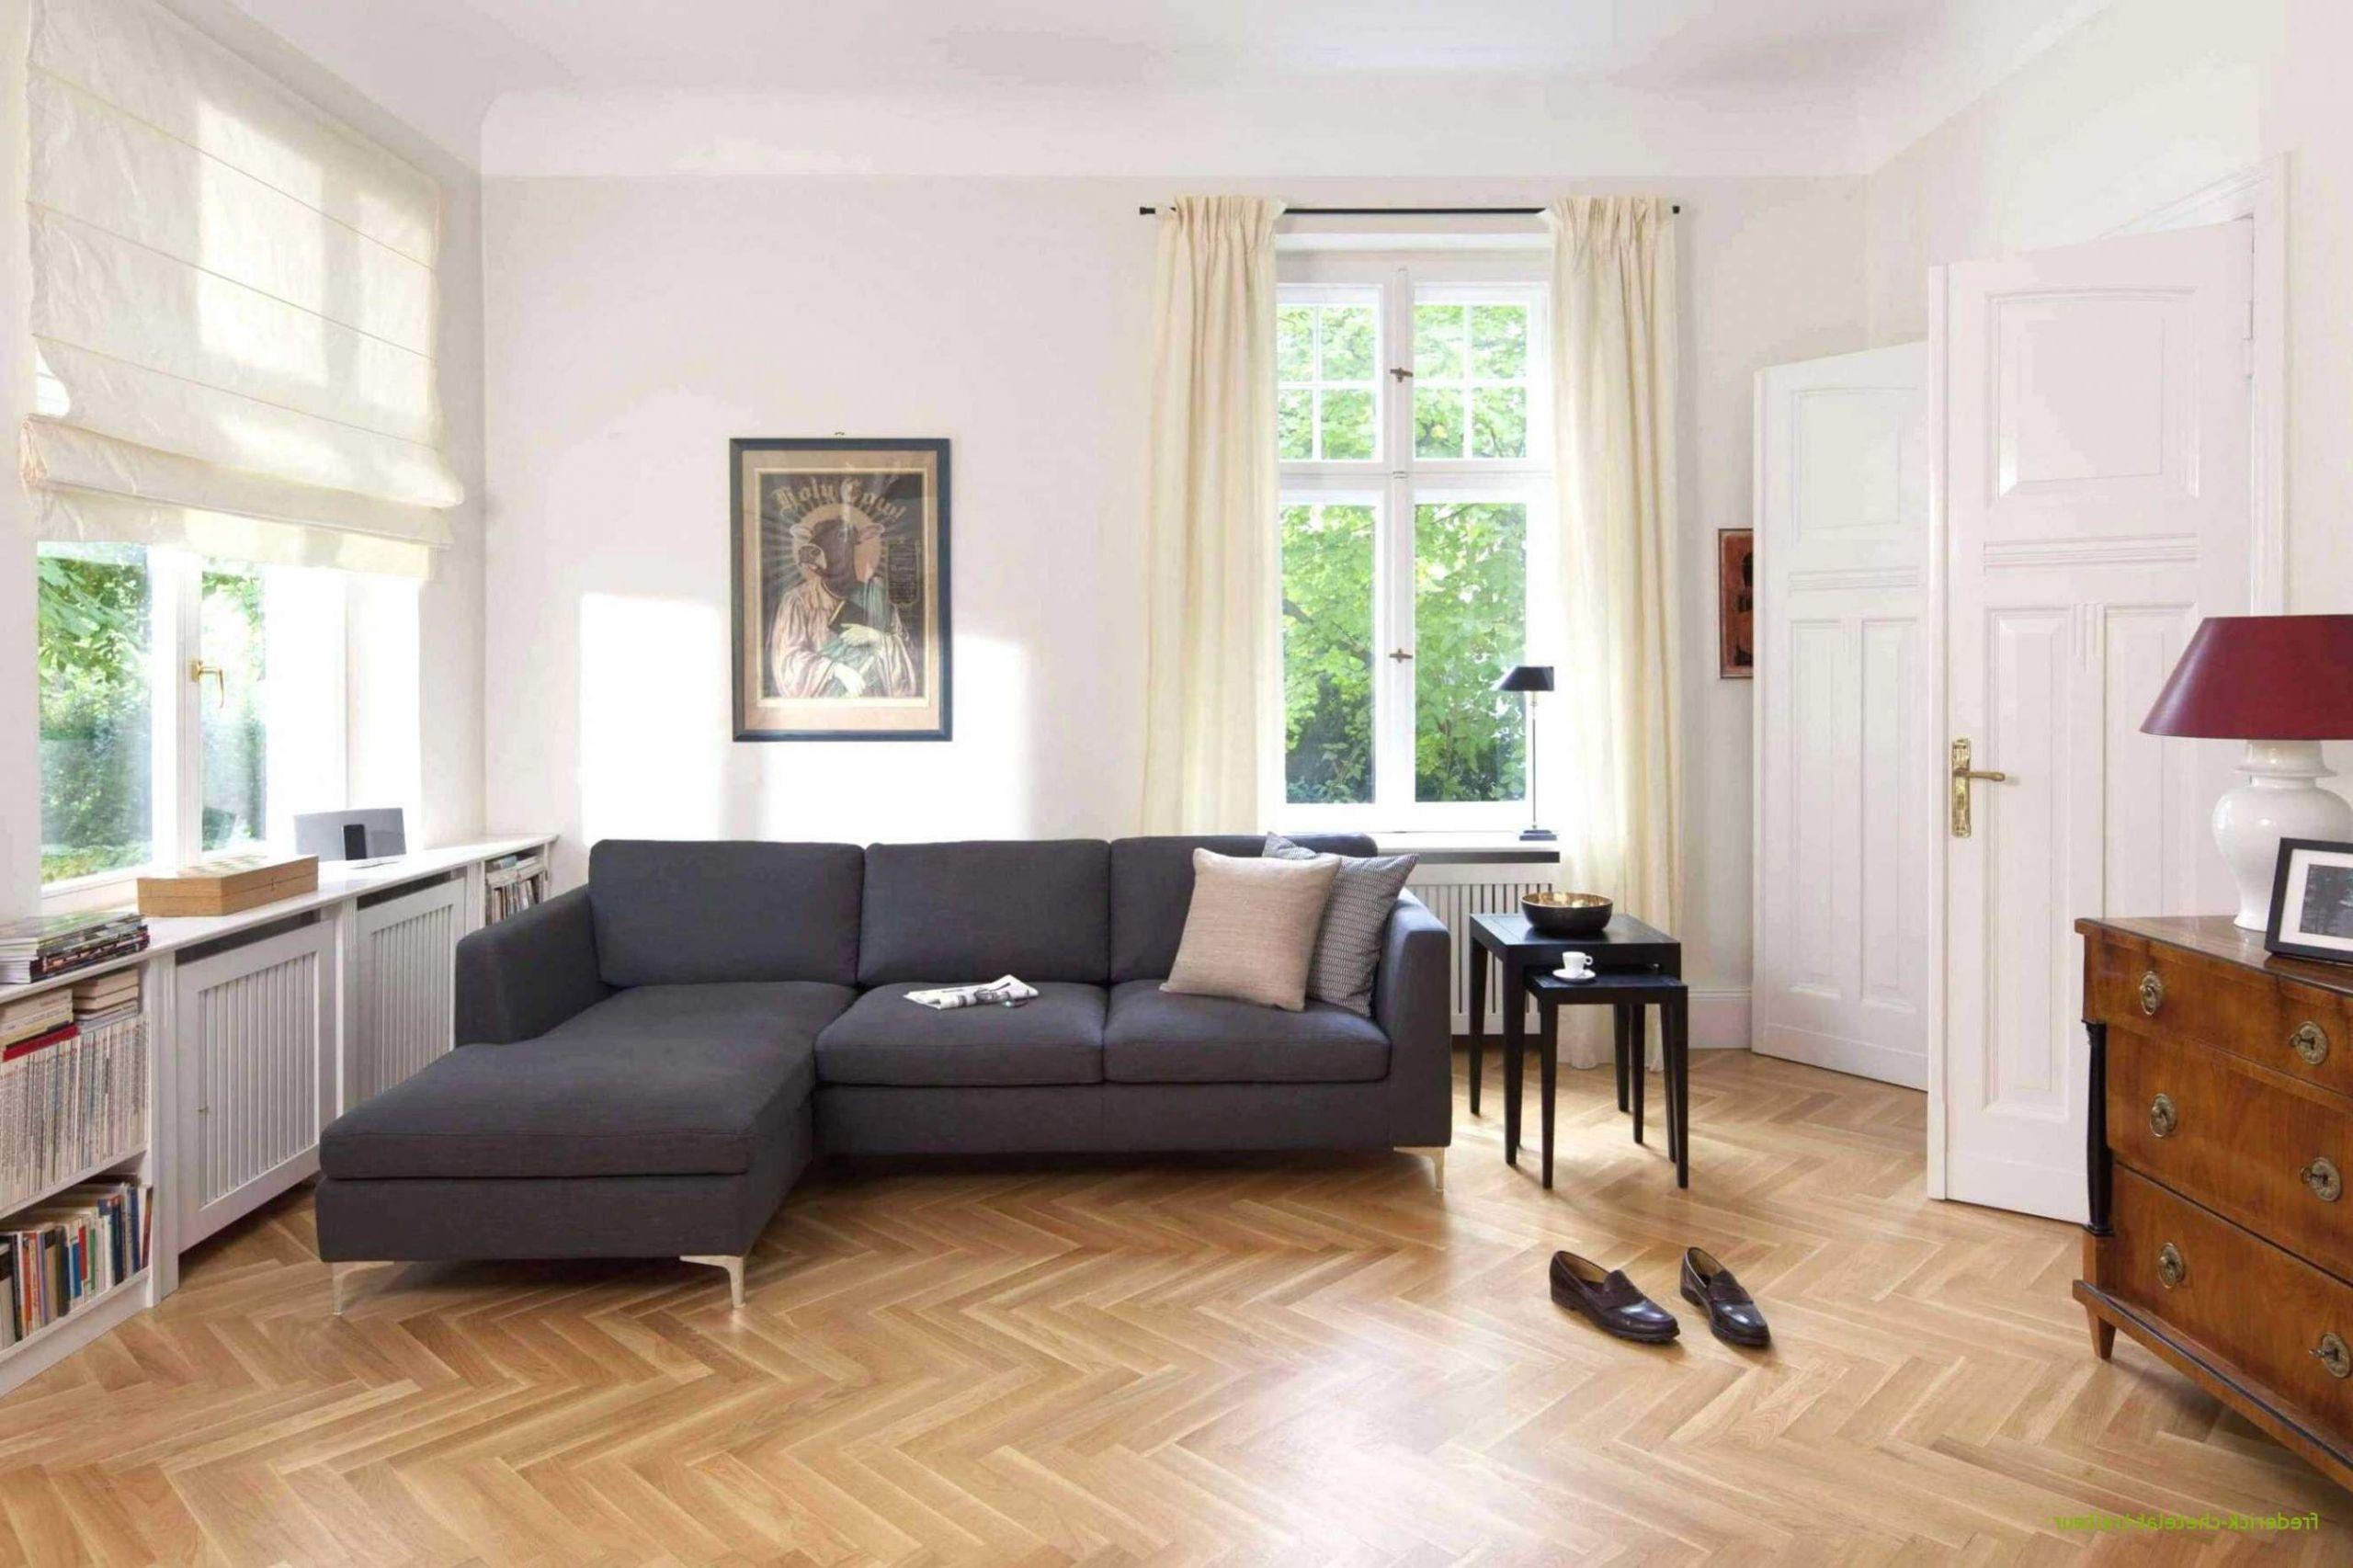 frisch 30 von moderne bilder fur wohnzimmer hauptideen pflanzen fur wohnzimmer pflanzen fur wohnzimmer 2